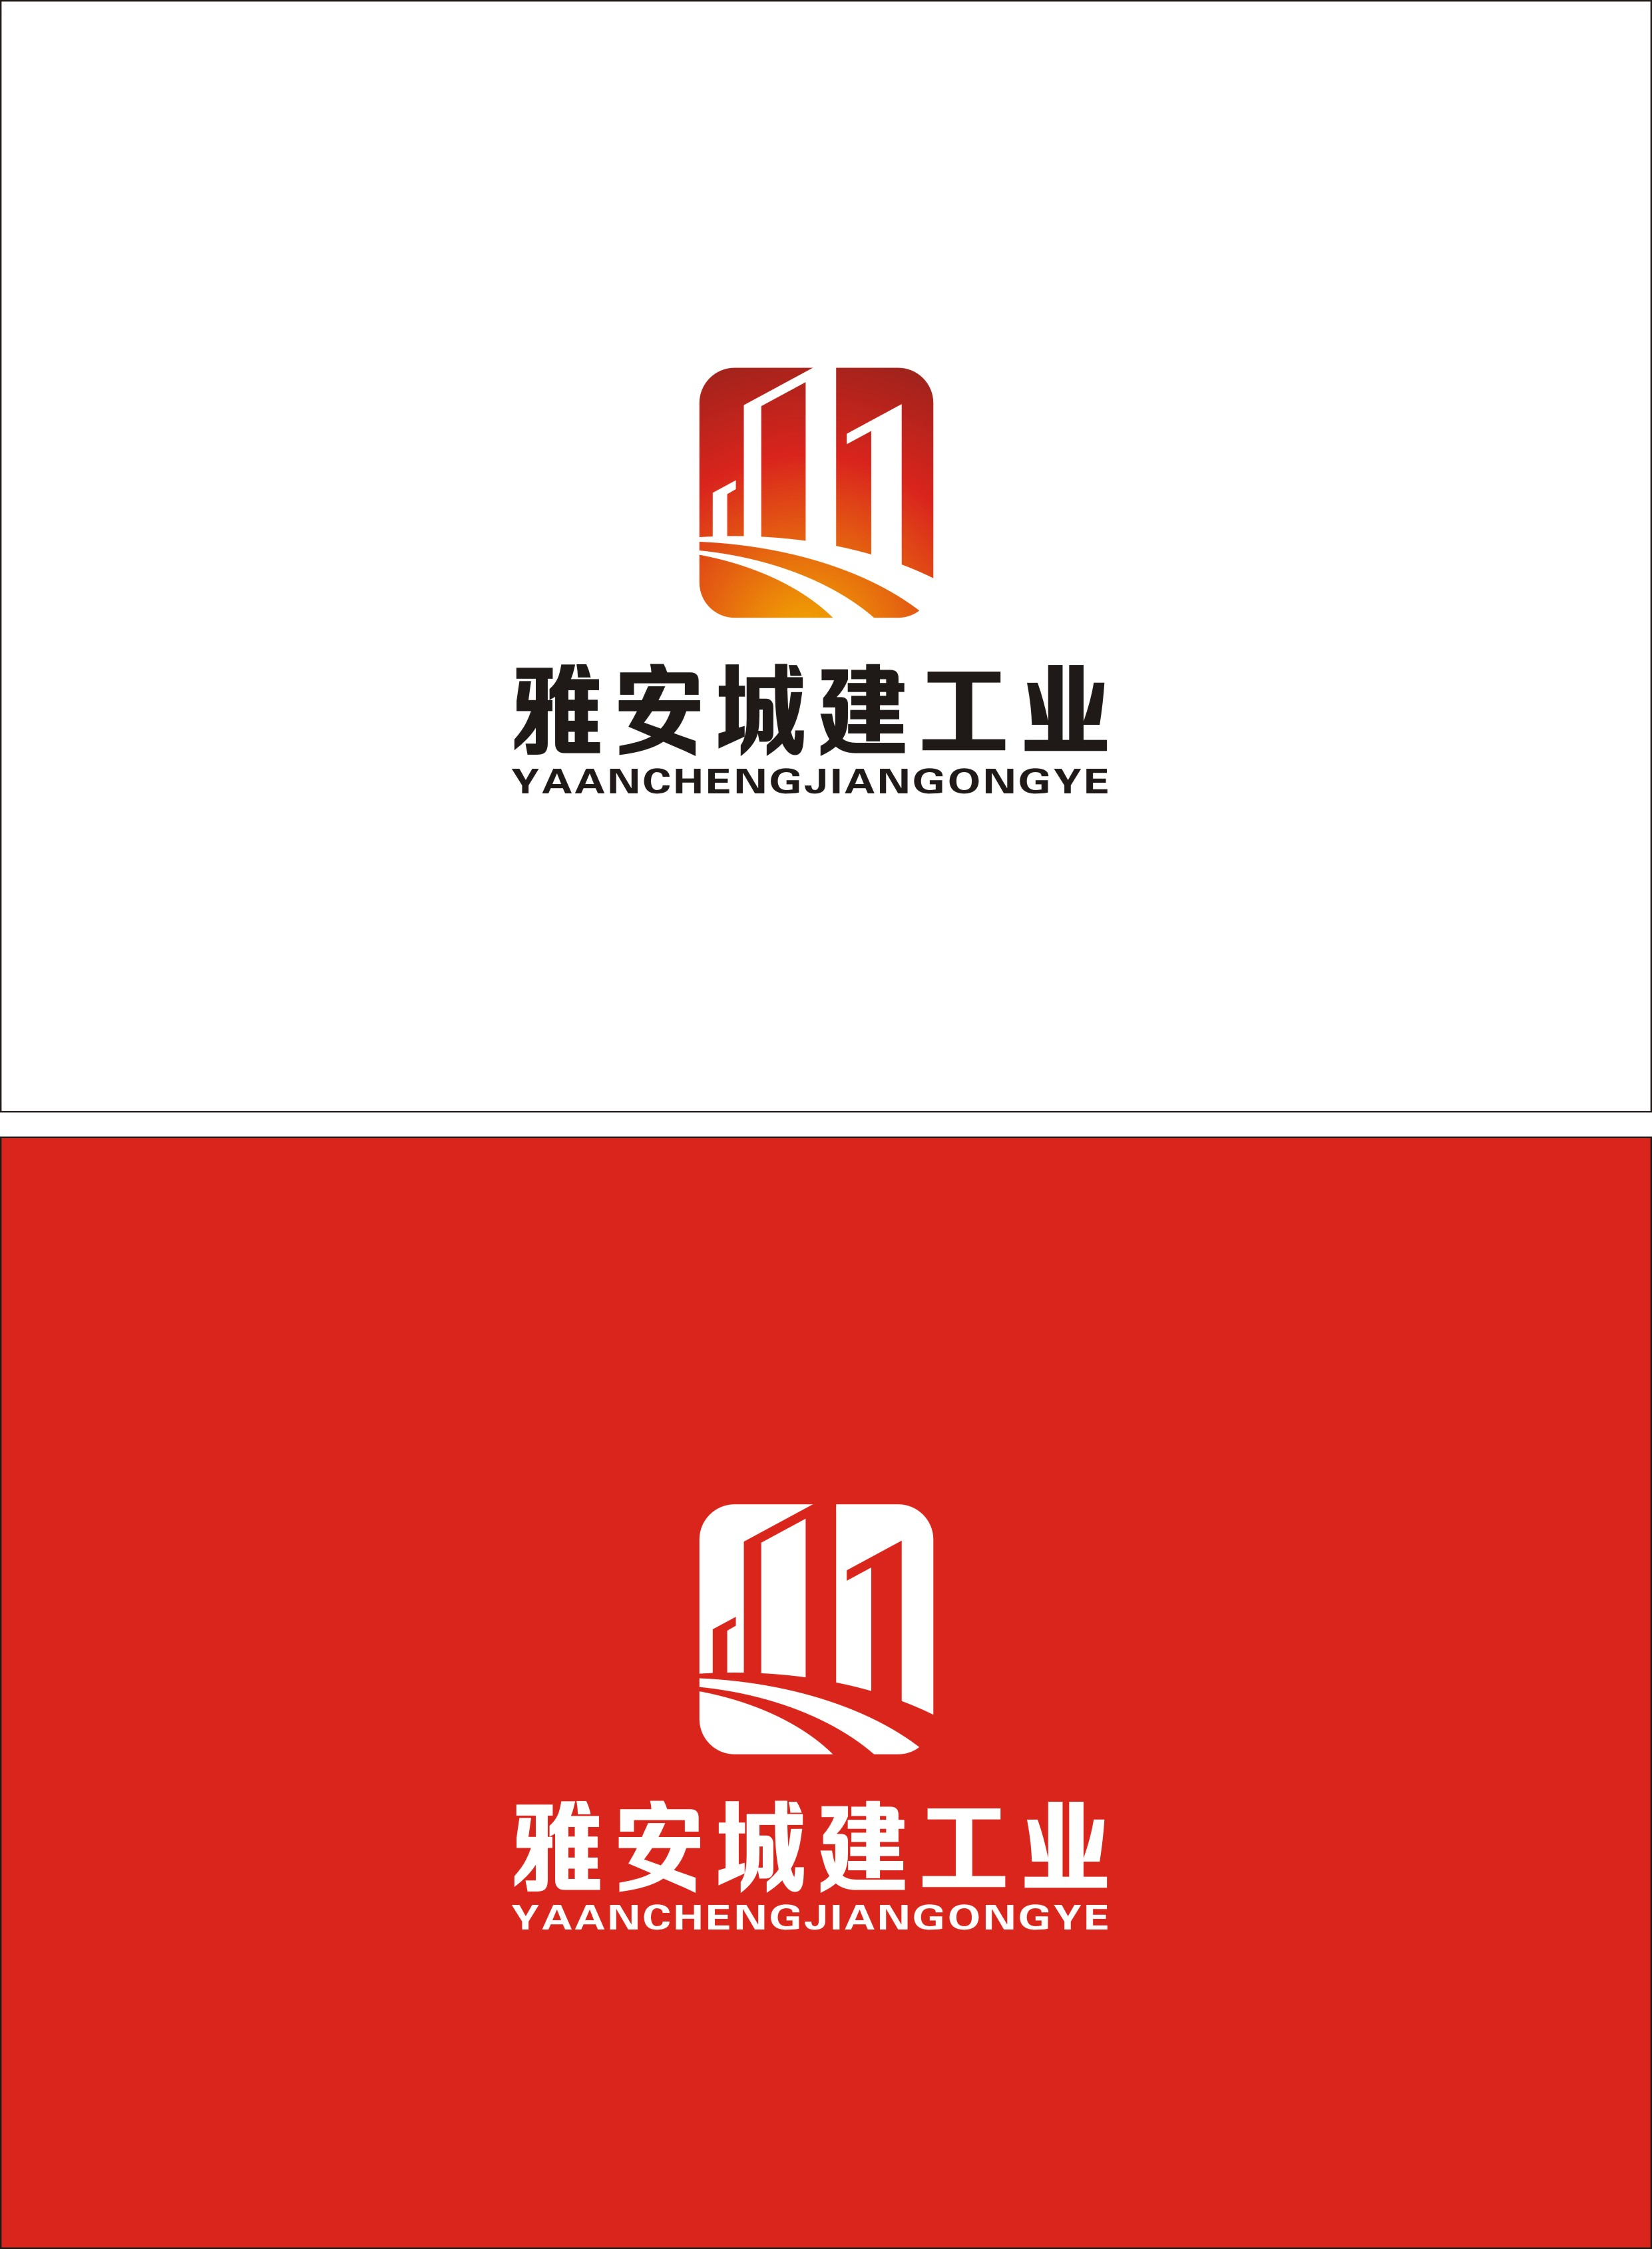 雅安成建工业化公司LOGO设计_2961721_k68威客网